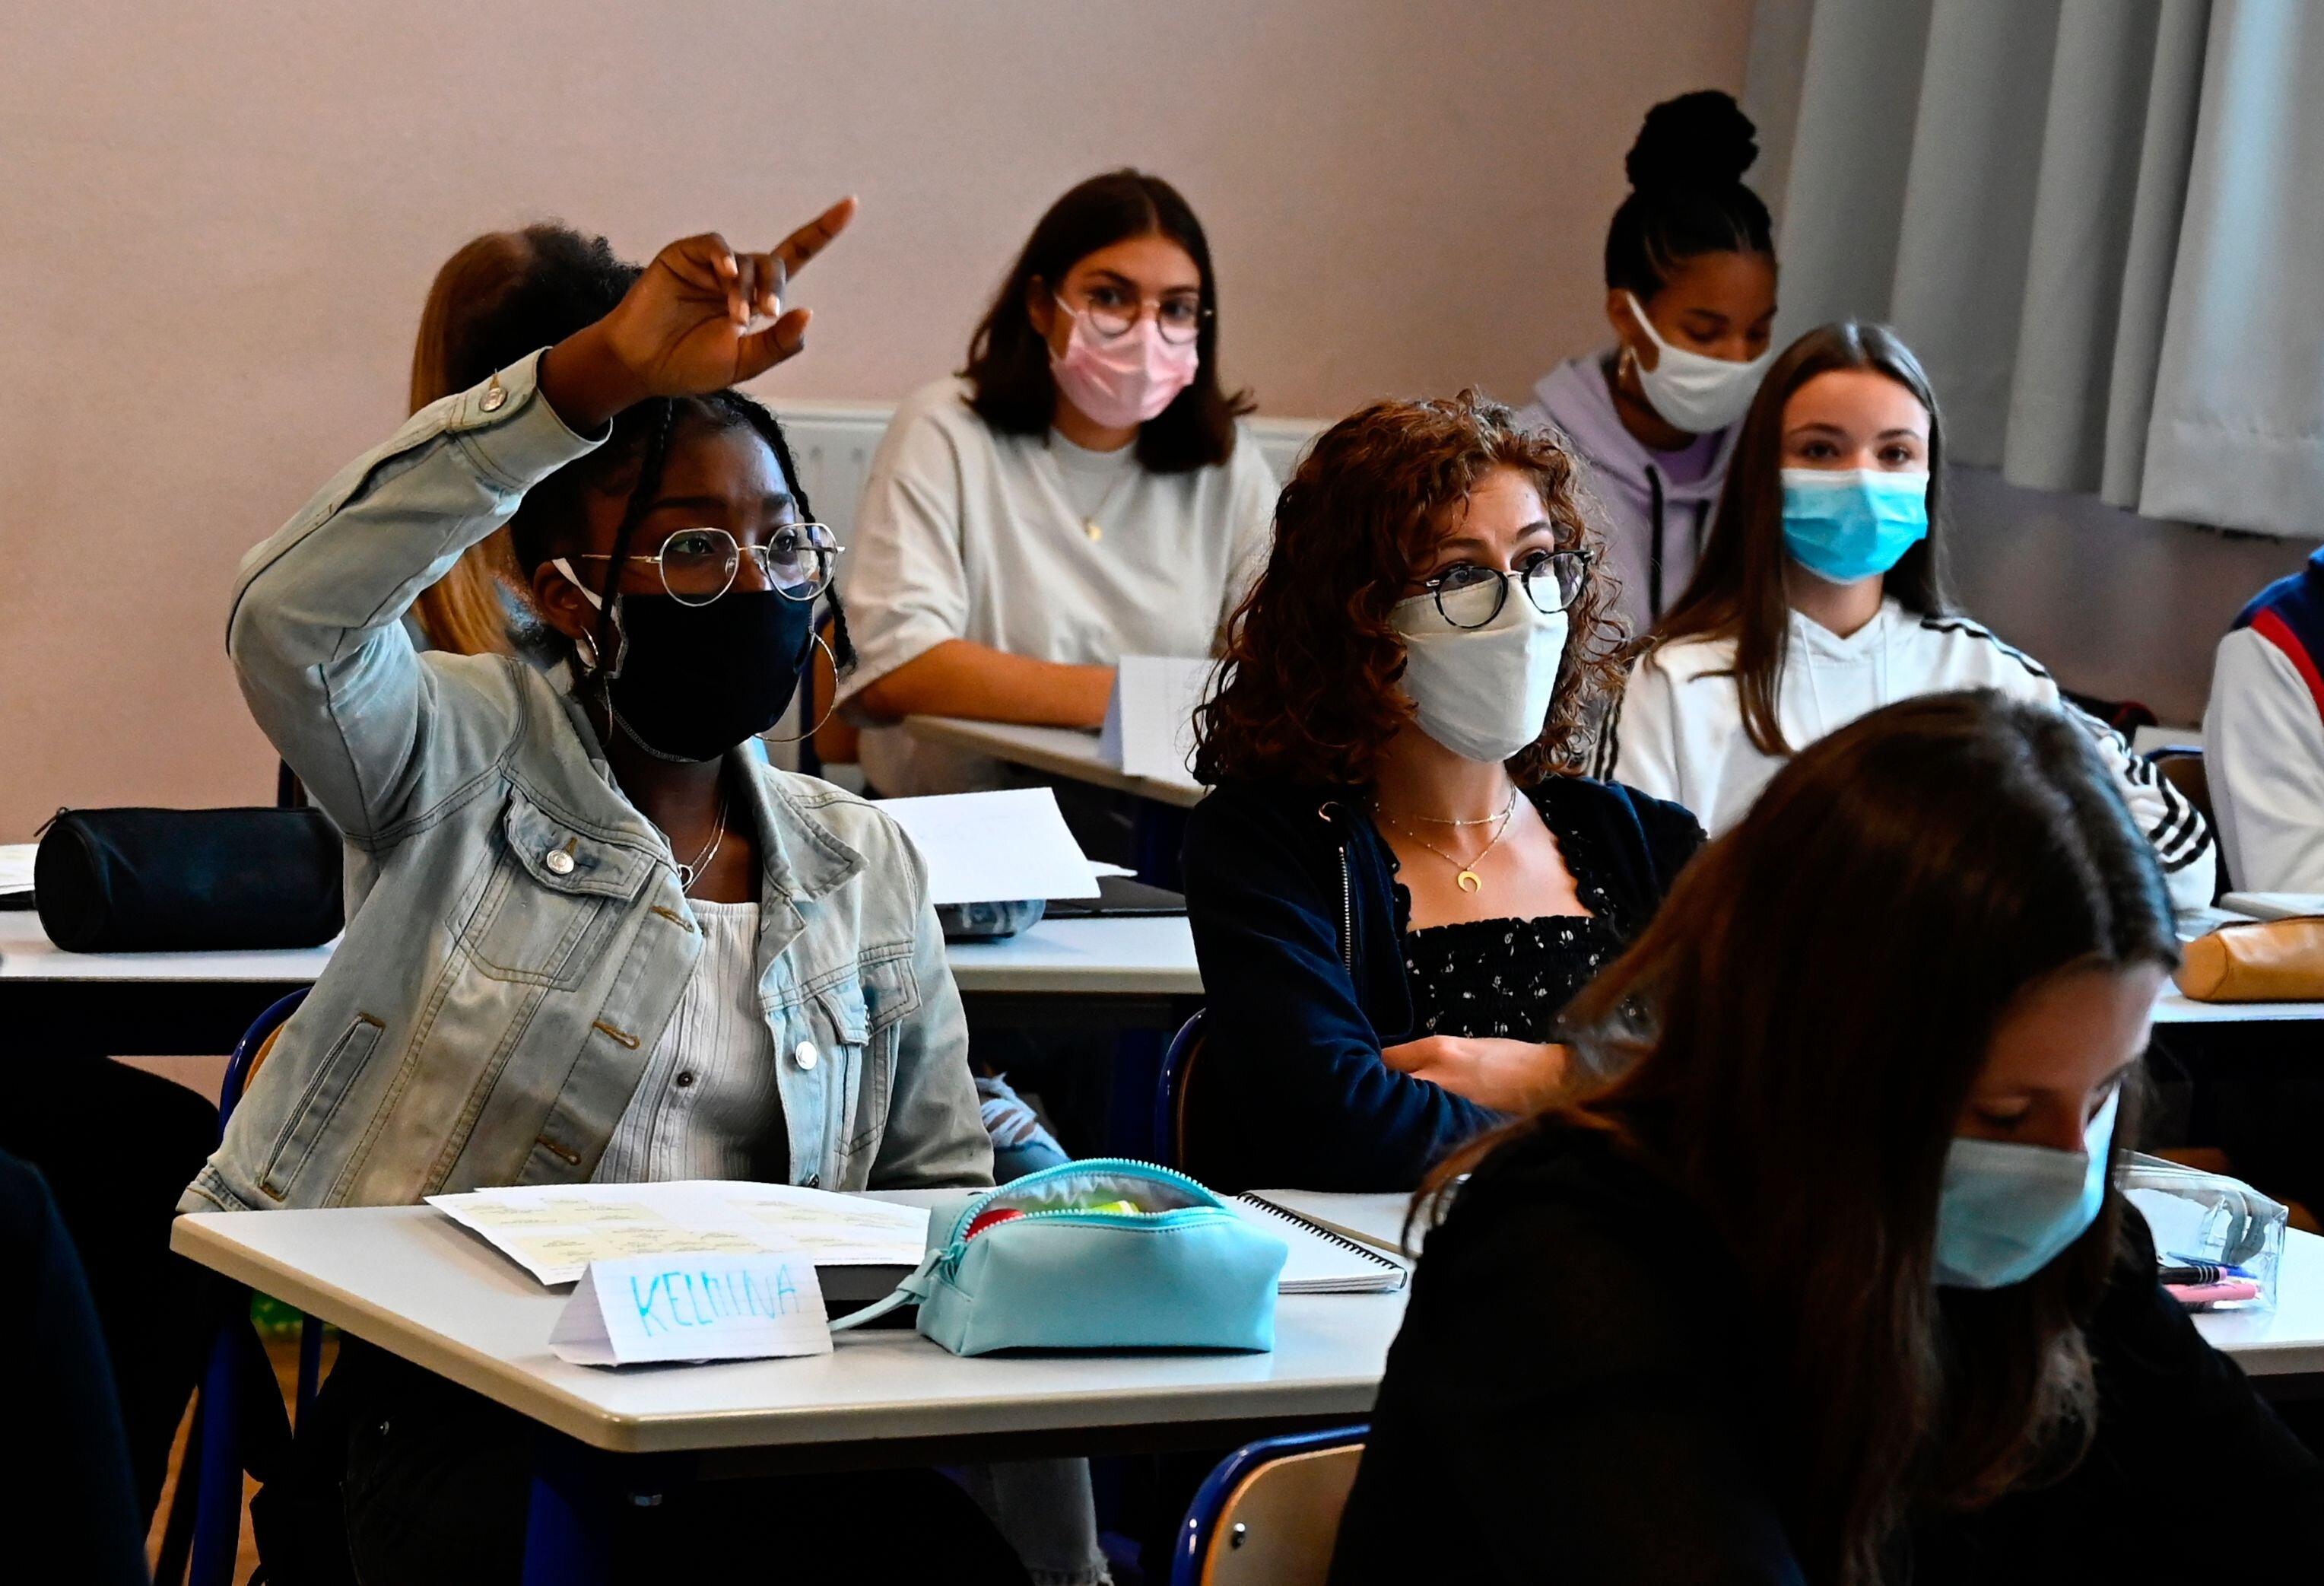 À partir de ce 8 janvier 2021, les masques artisanaux sont interdits dans les établissements...